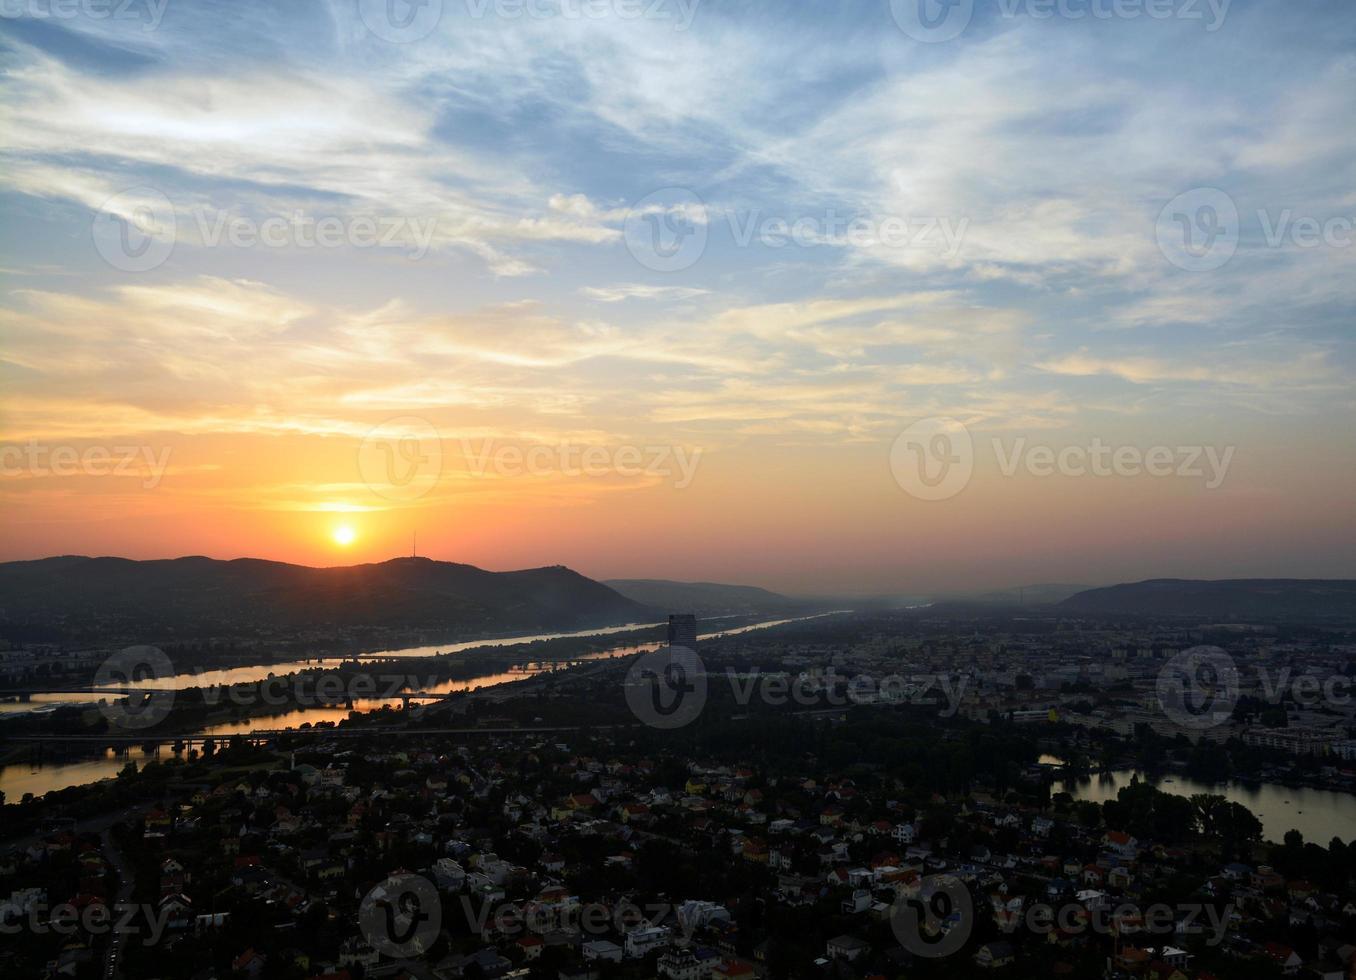 färgglad solnedgång på horisonten av Donau, Wien foto